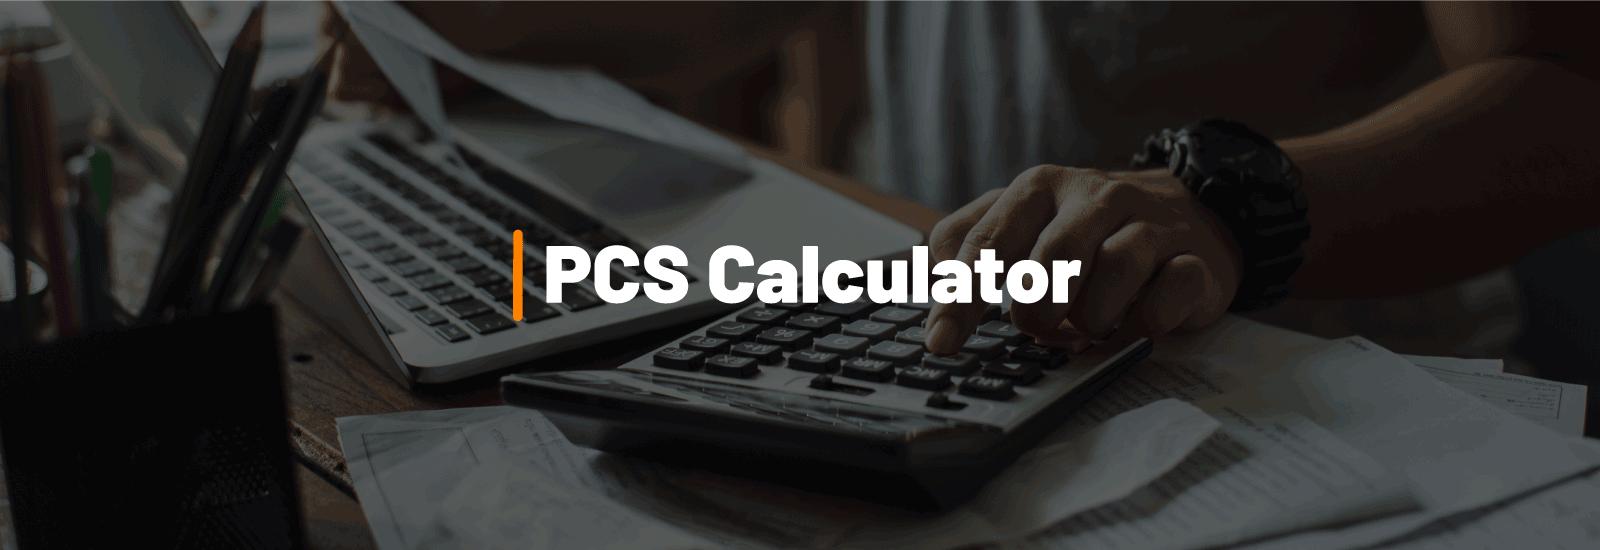 PCS Calculator